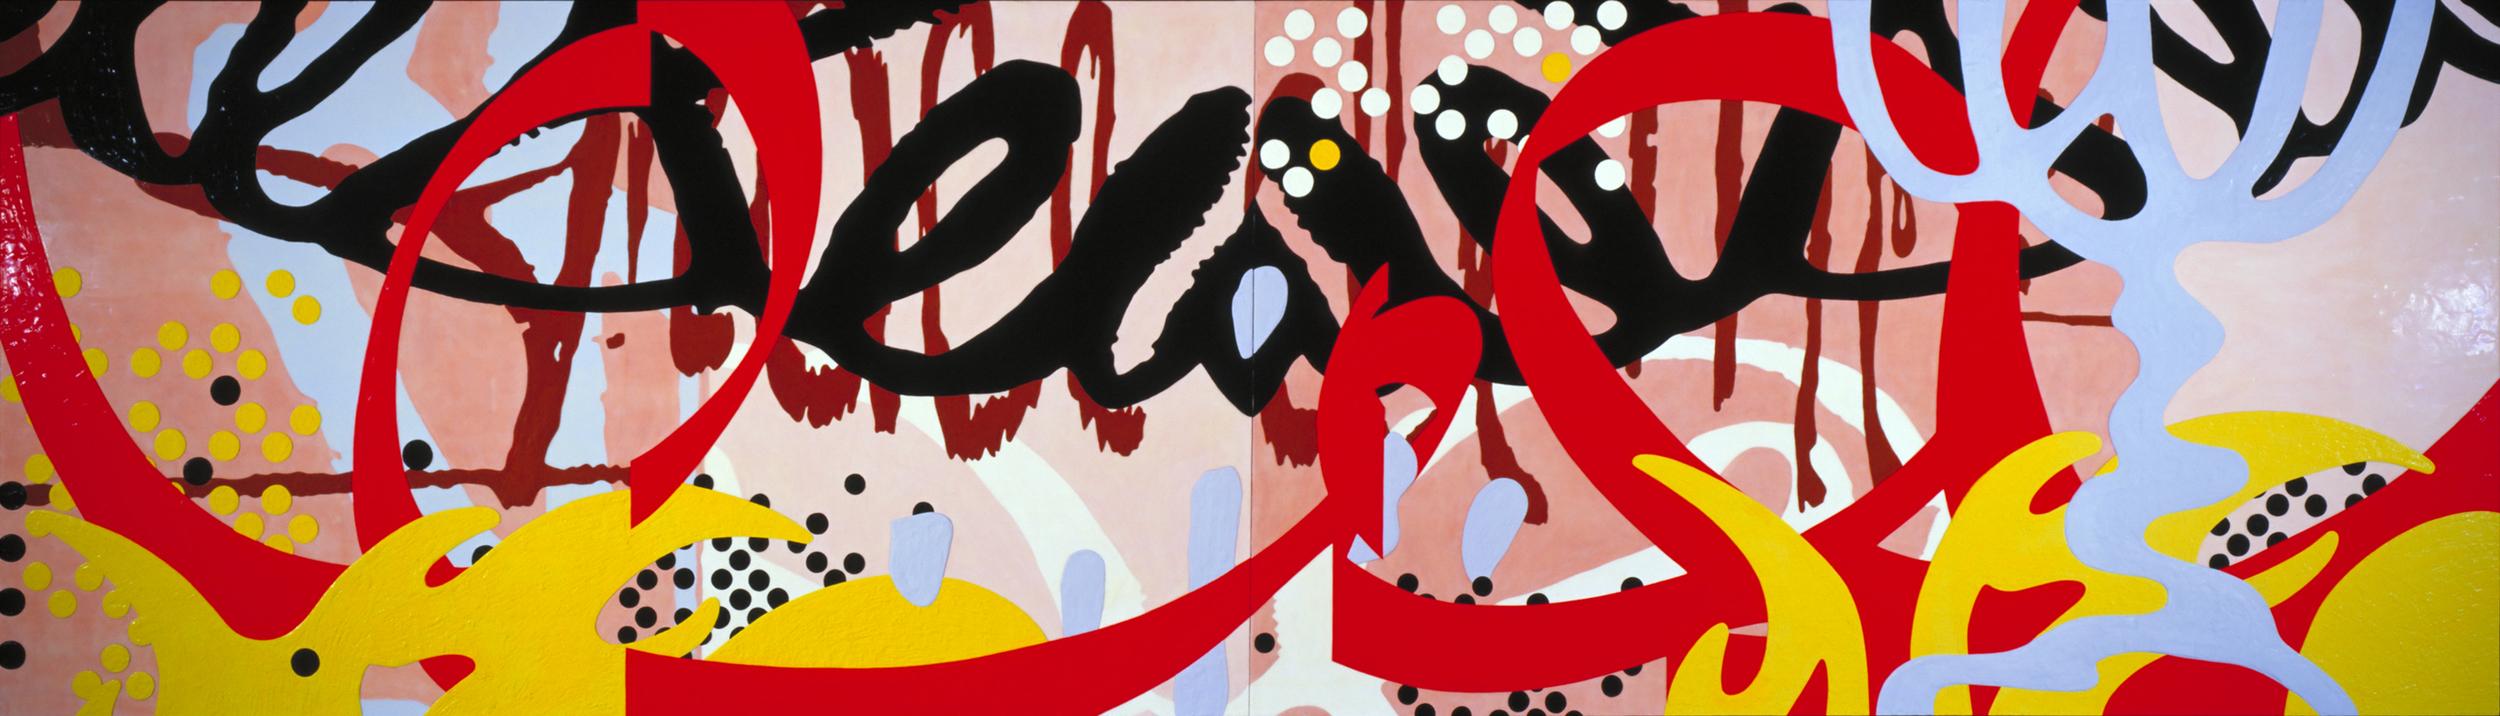 """Loop-de-loop (Grace of Monaco, Jackie Stewart, Liberace), 1999 Oil and encaustic on two panels 48"""" x 168"""" x 2"""""""